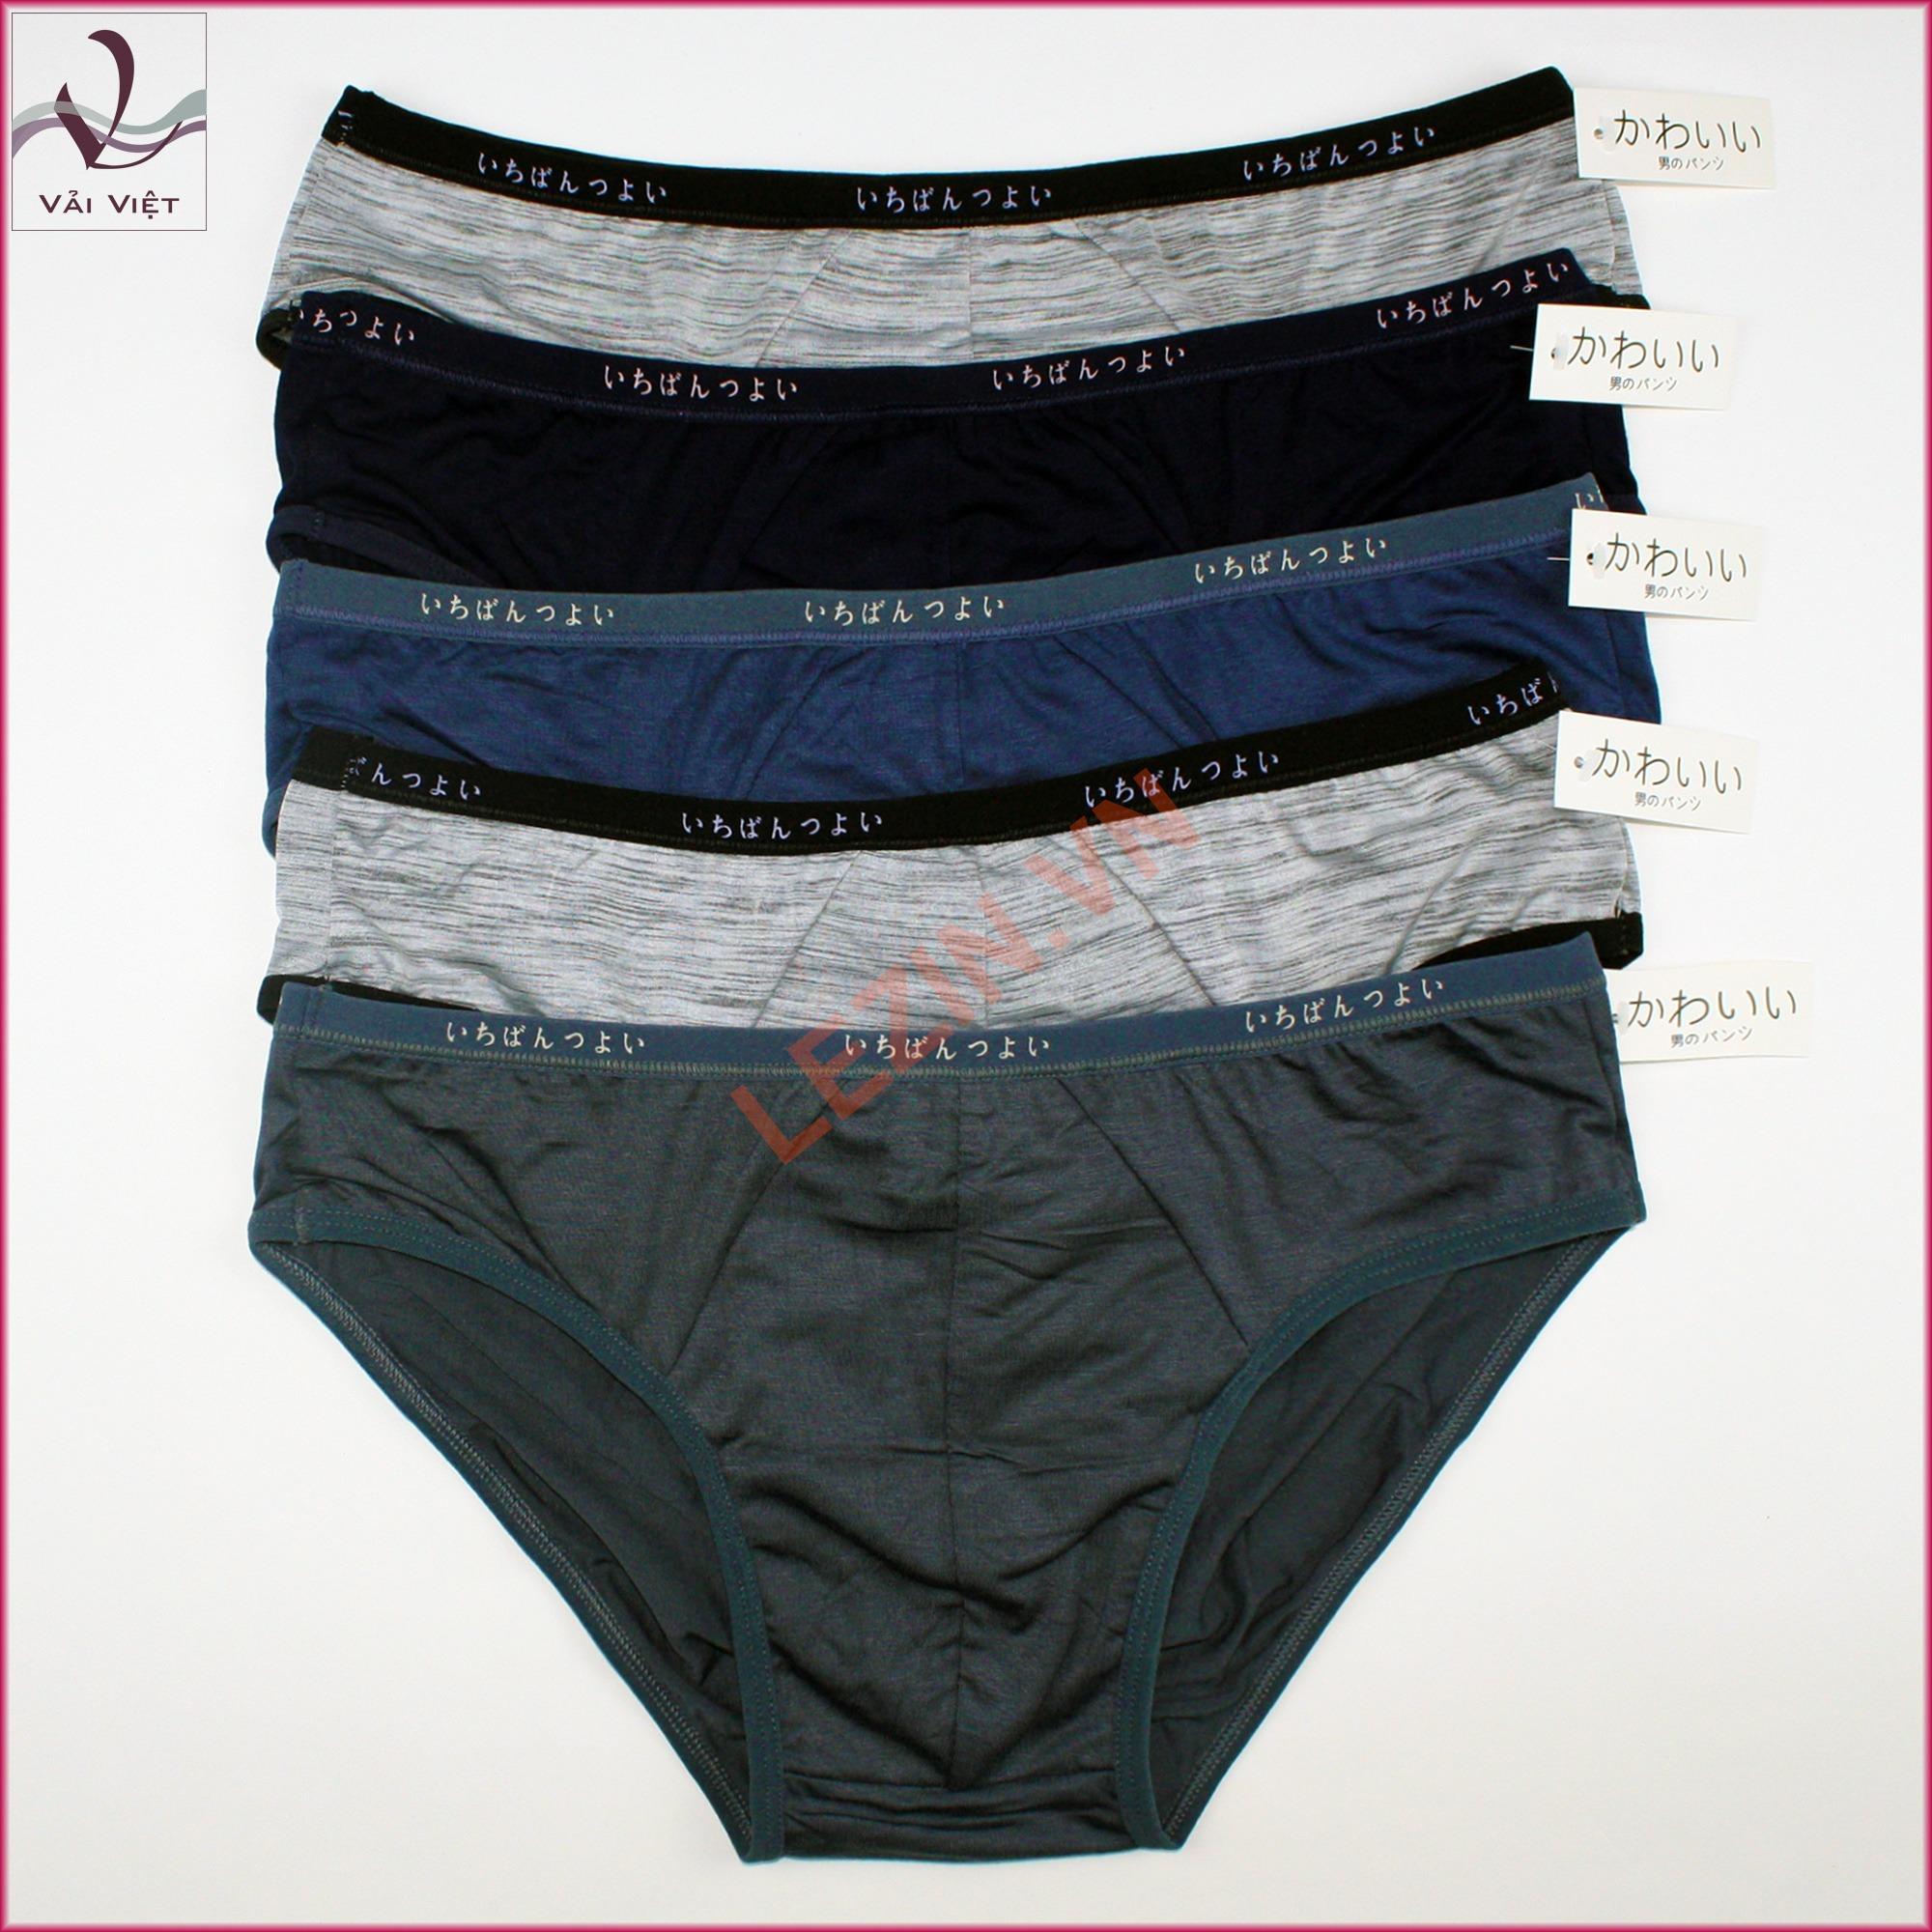 Bộ 5 quần lót nam xuất Nhật chất mát (Vải Việt Shop)